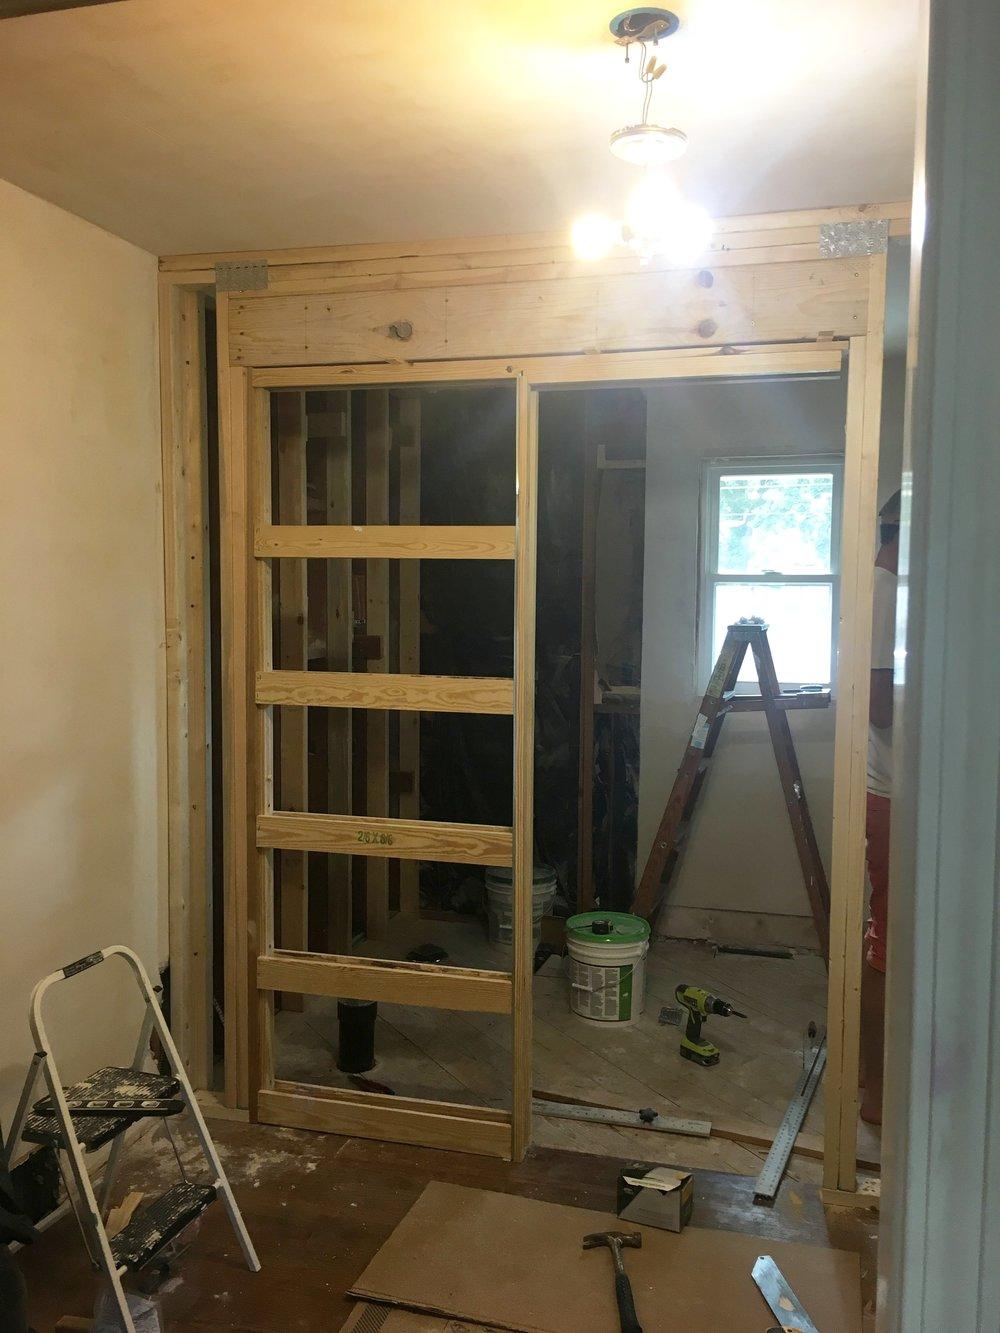 Framed in pocket door between closet and bathroom